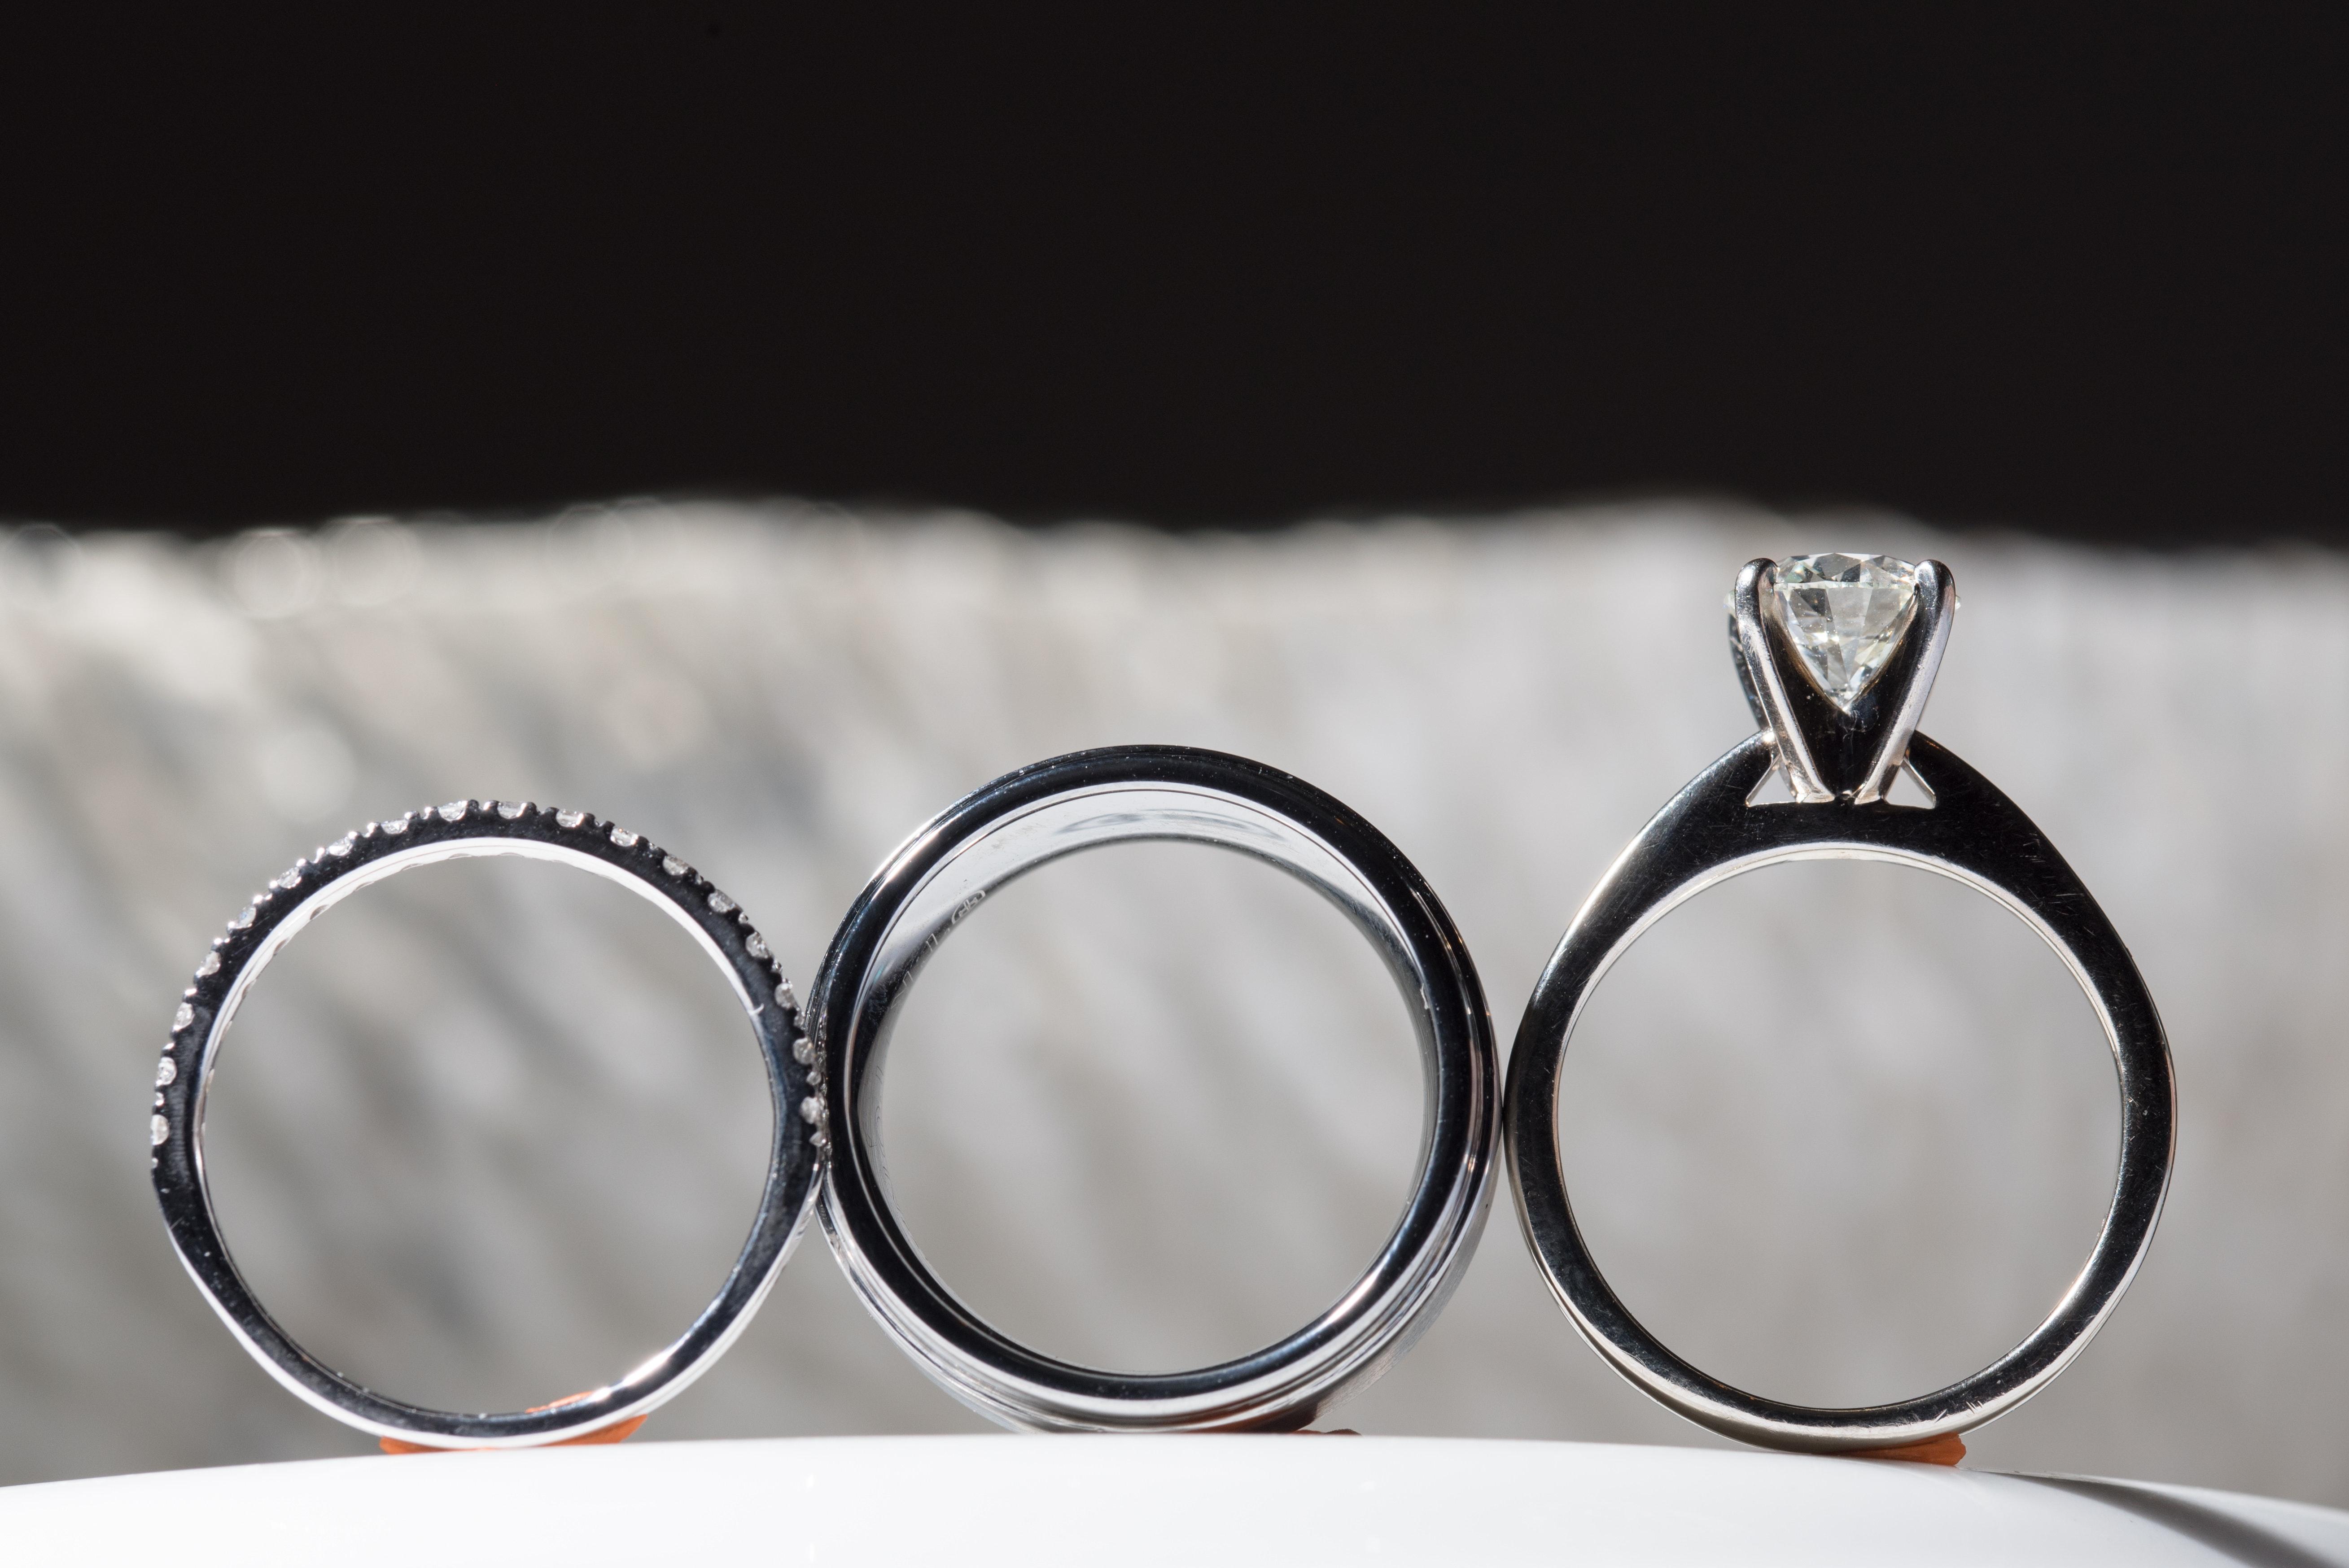 886dd2075fc Hvad koster sølv? Læs om de tre forskellige slags sølv og priserne ...